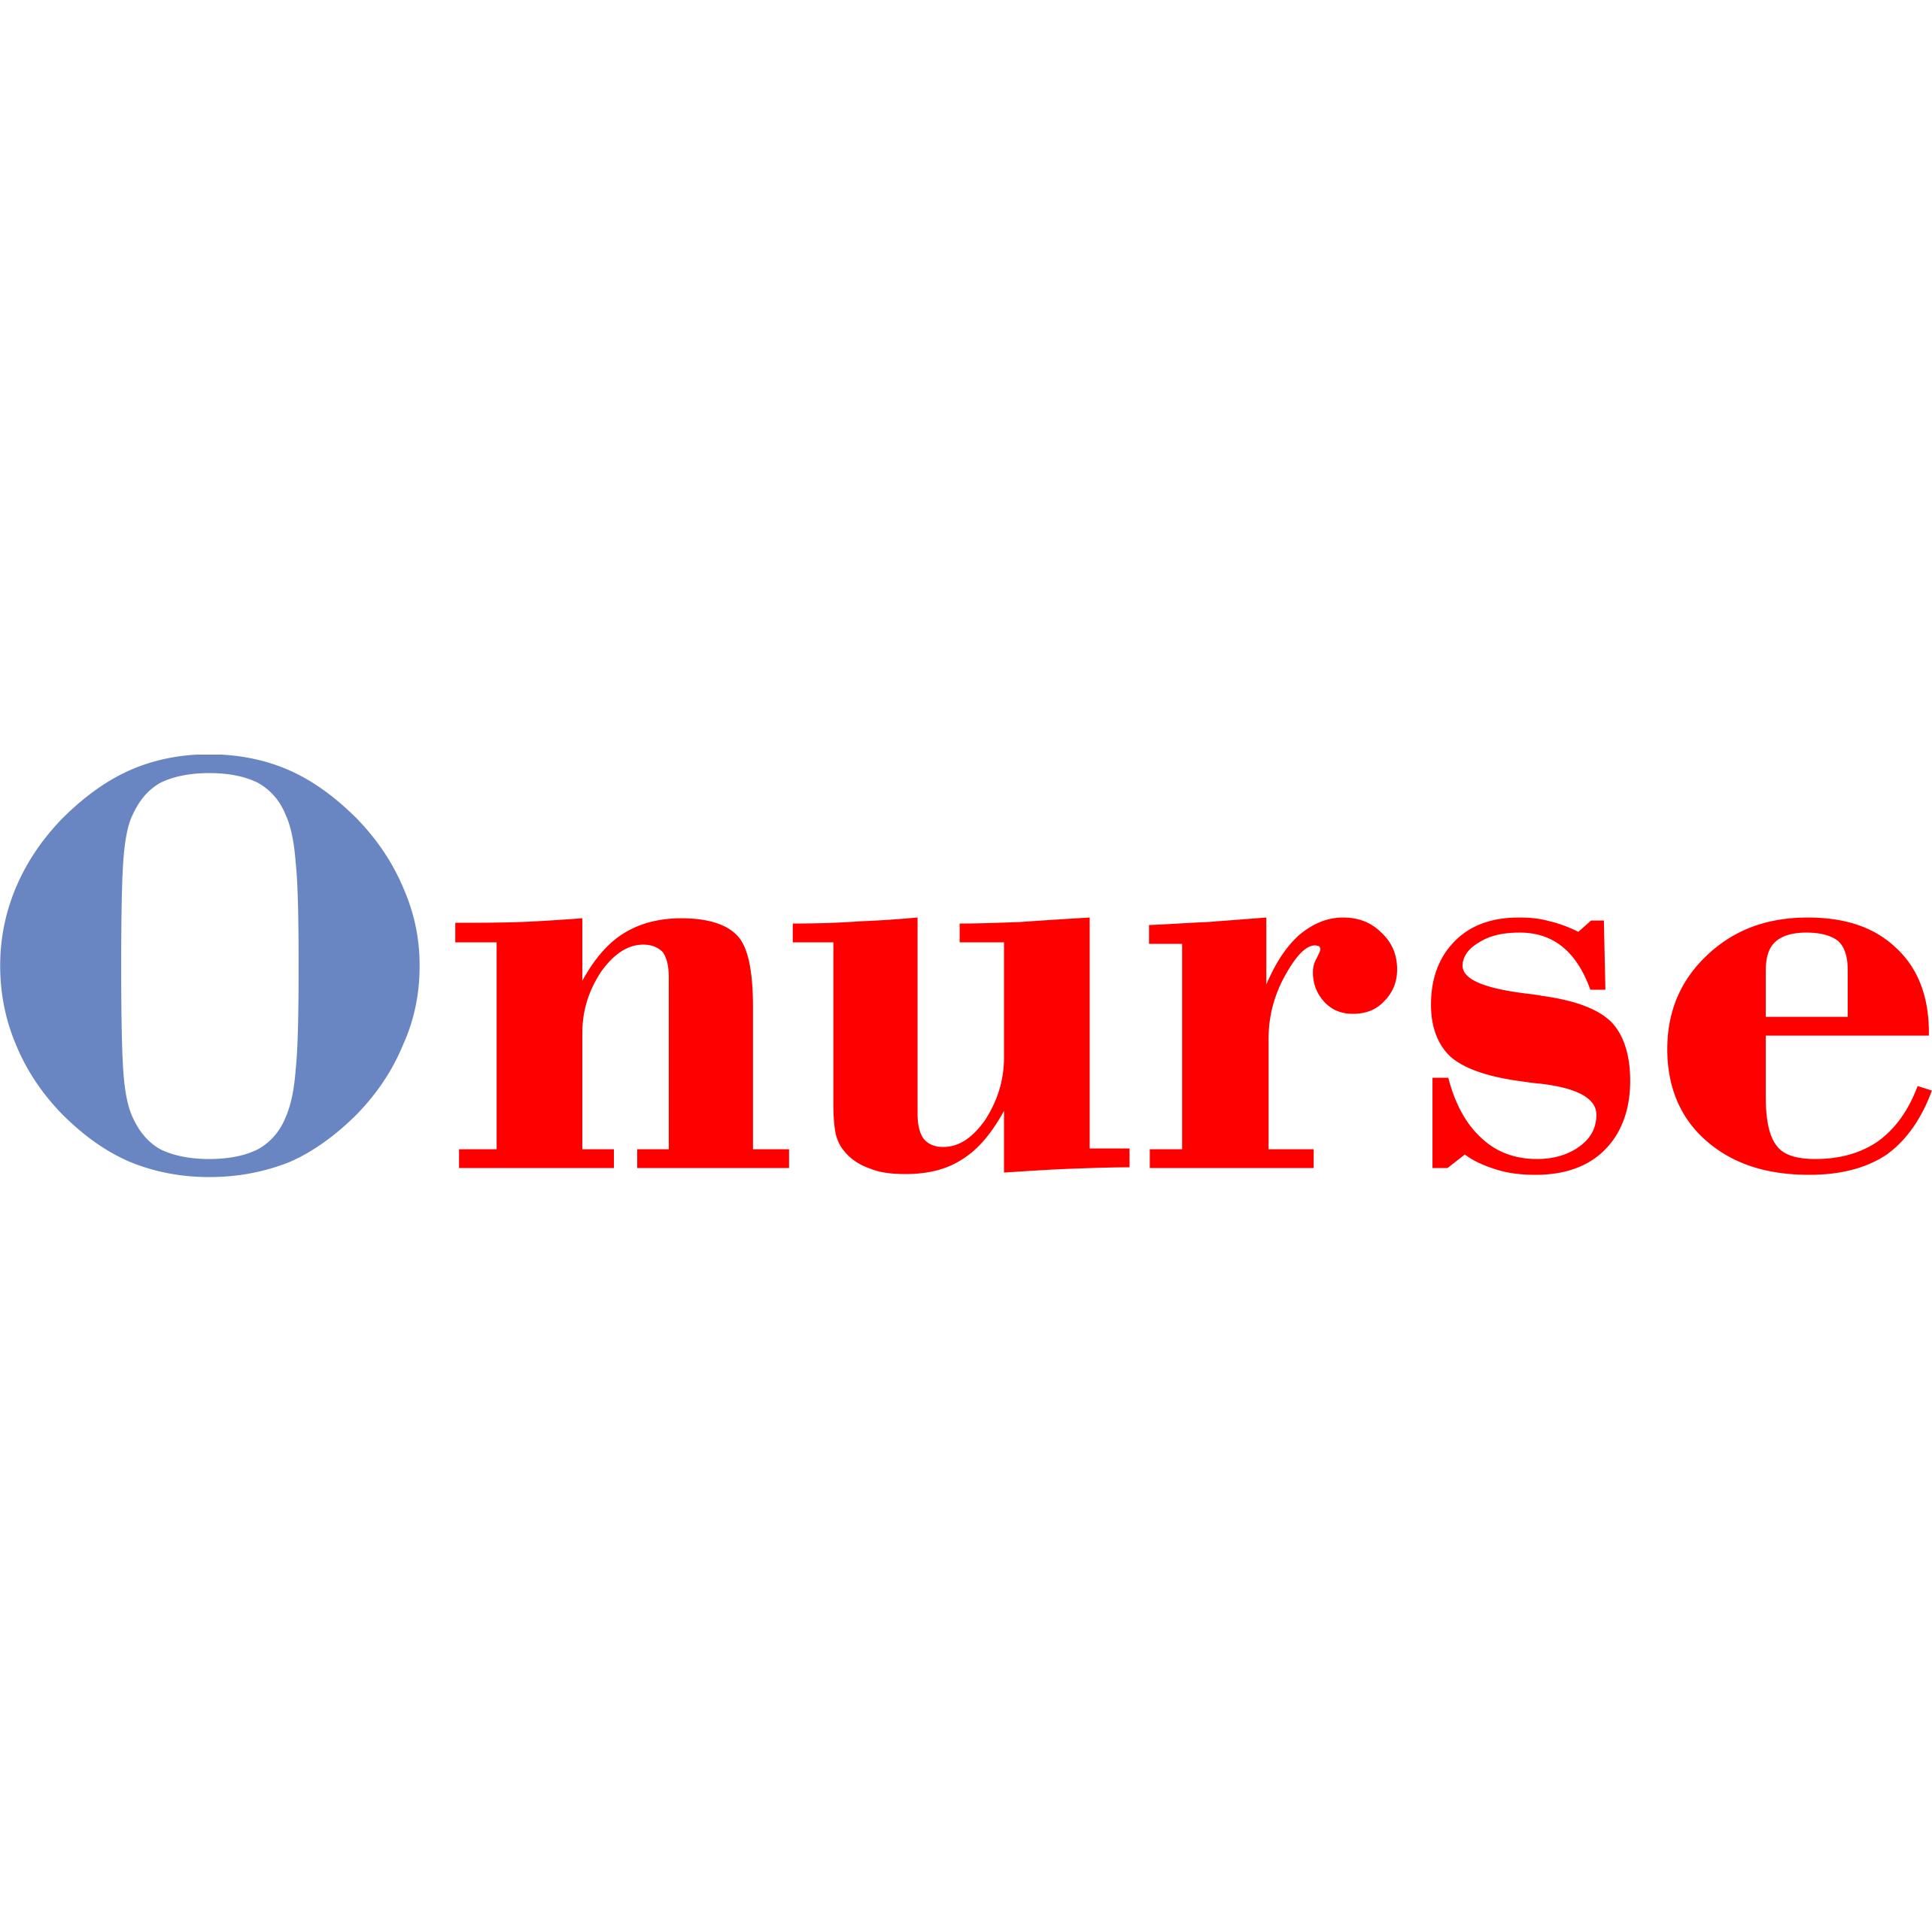 Onurse.com image 1